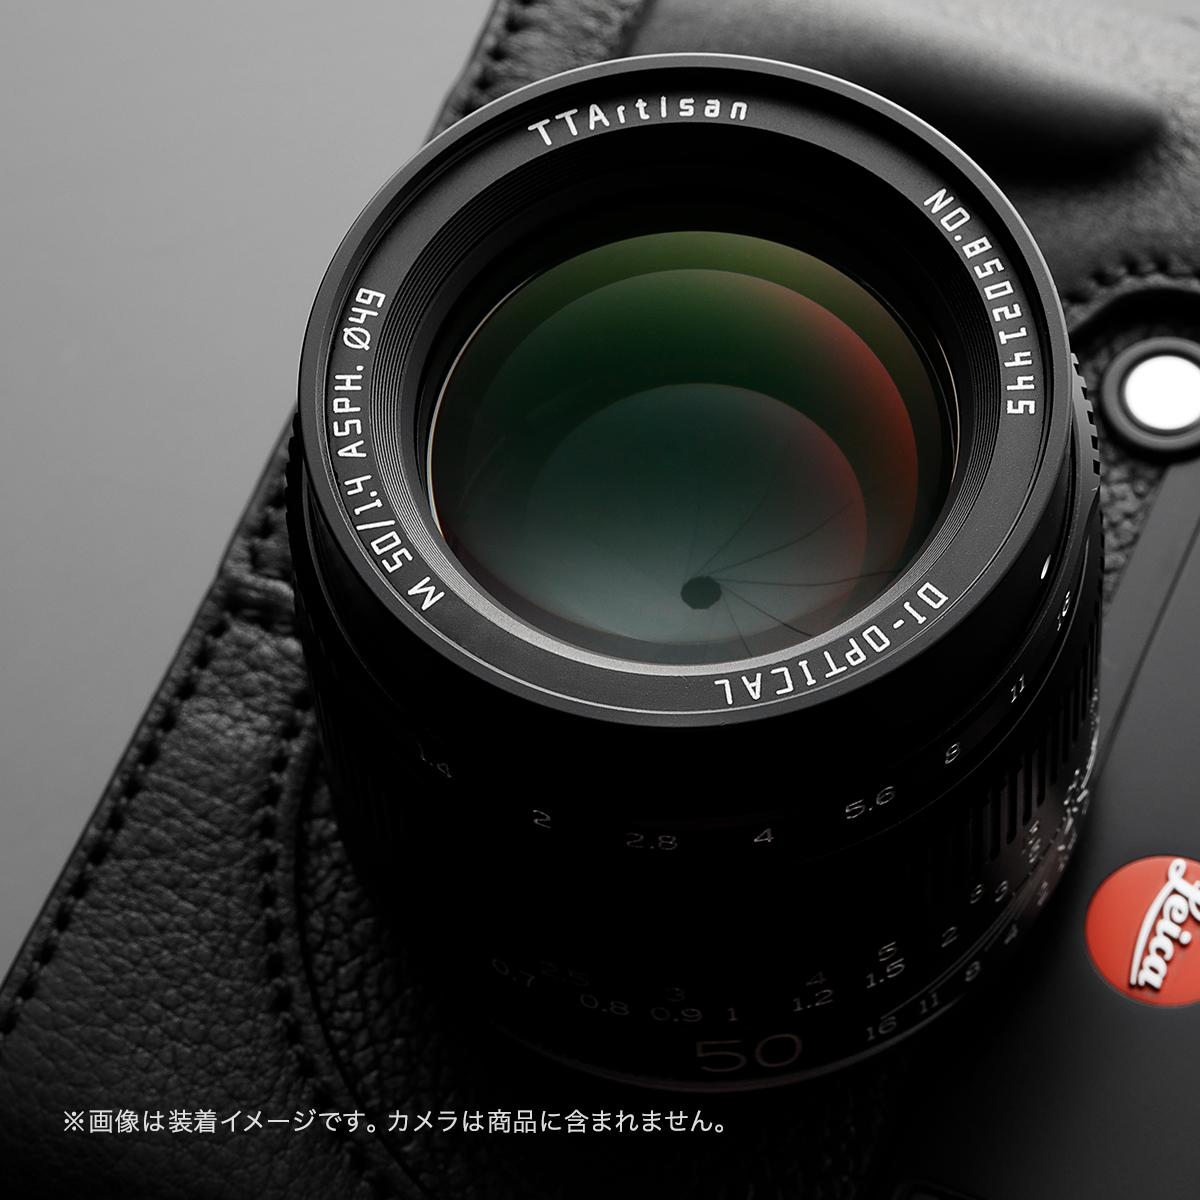 銘匠光学 TTArtisan 50mm f/1.4 ASPH ライカMマウント